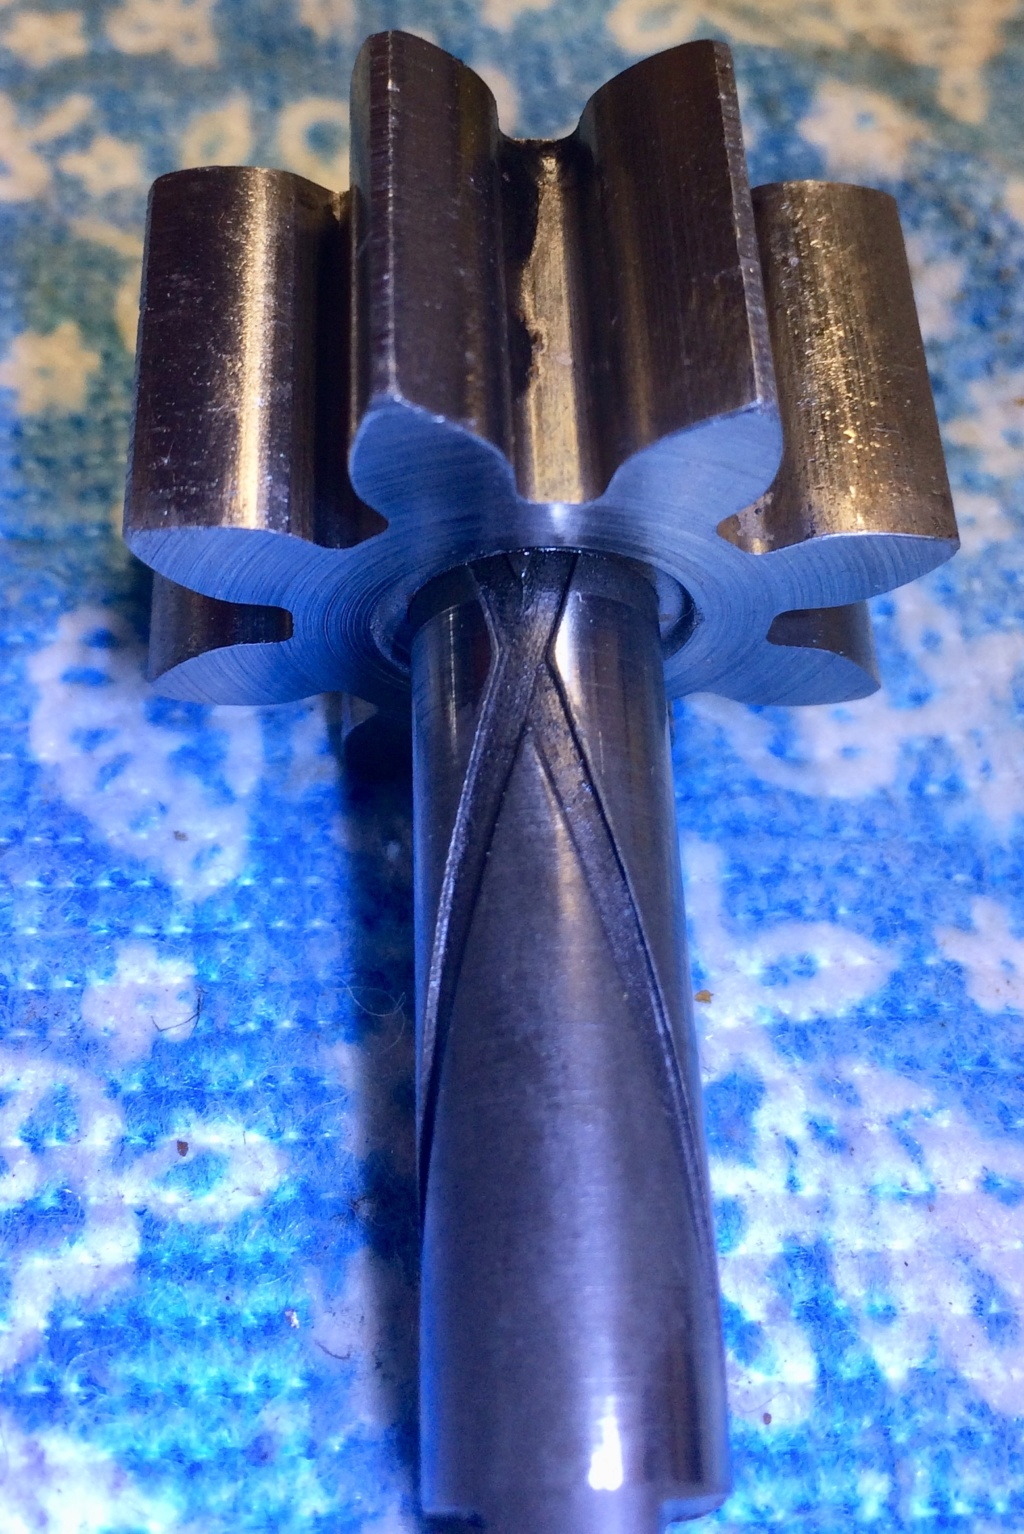 Différents axes et pignons de pompes à huile 5c4d3f10